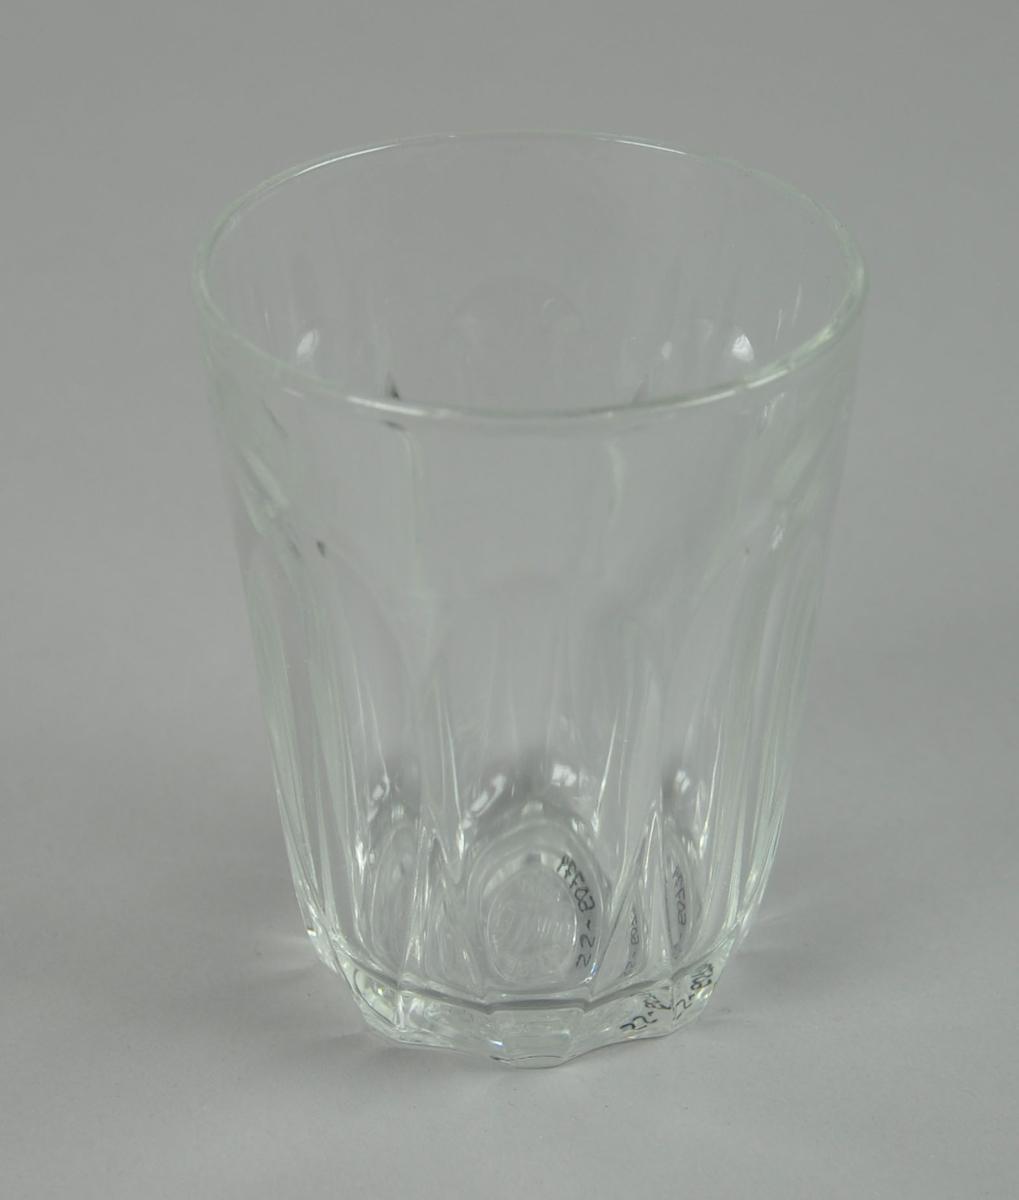 Drikeglass med ovale, fasetterte mønstre på utsiden.